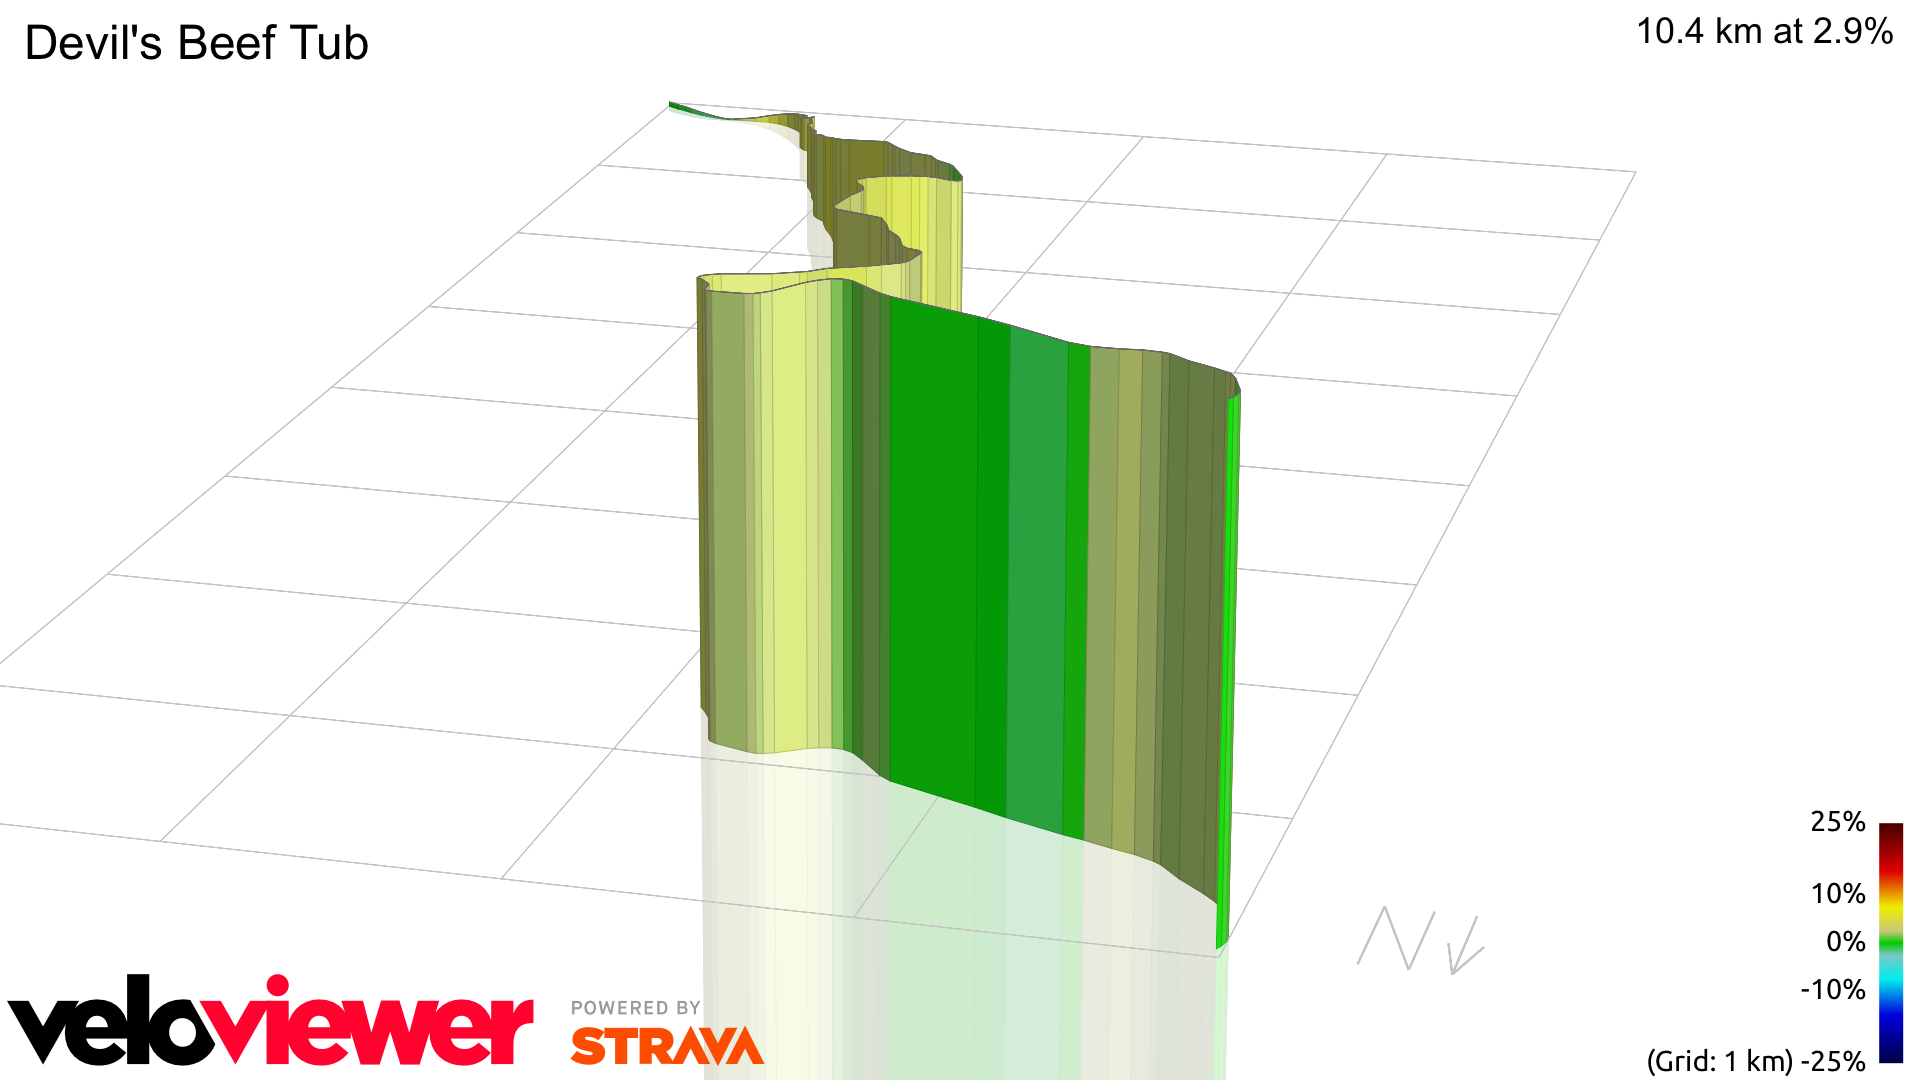 3D Elevation profile image for Devil's Beef Tub